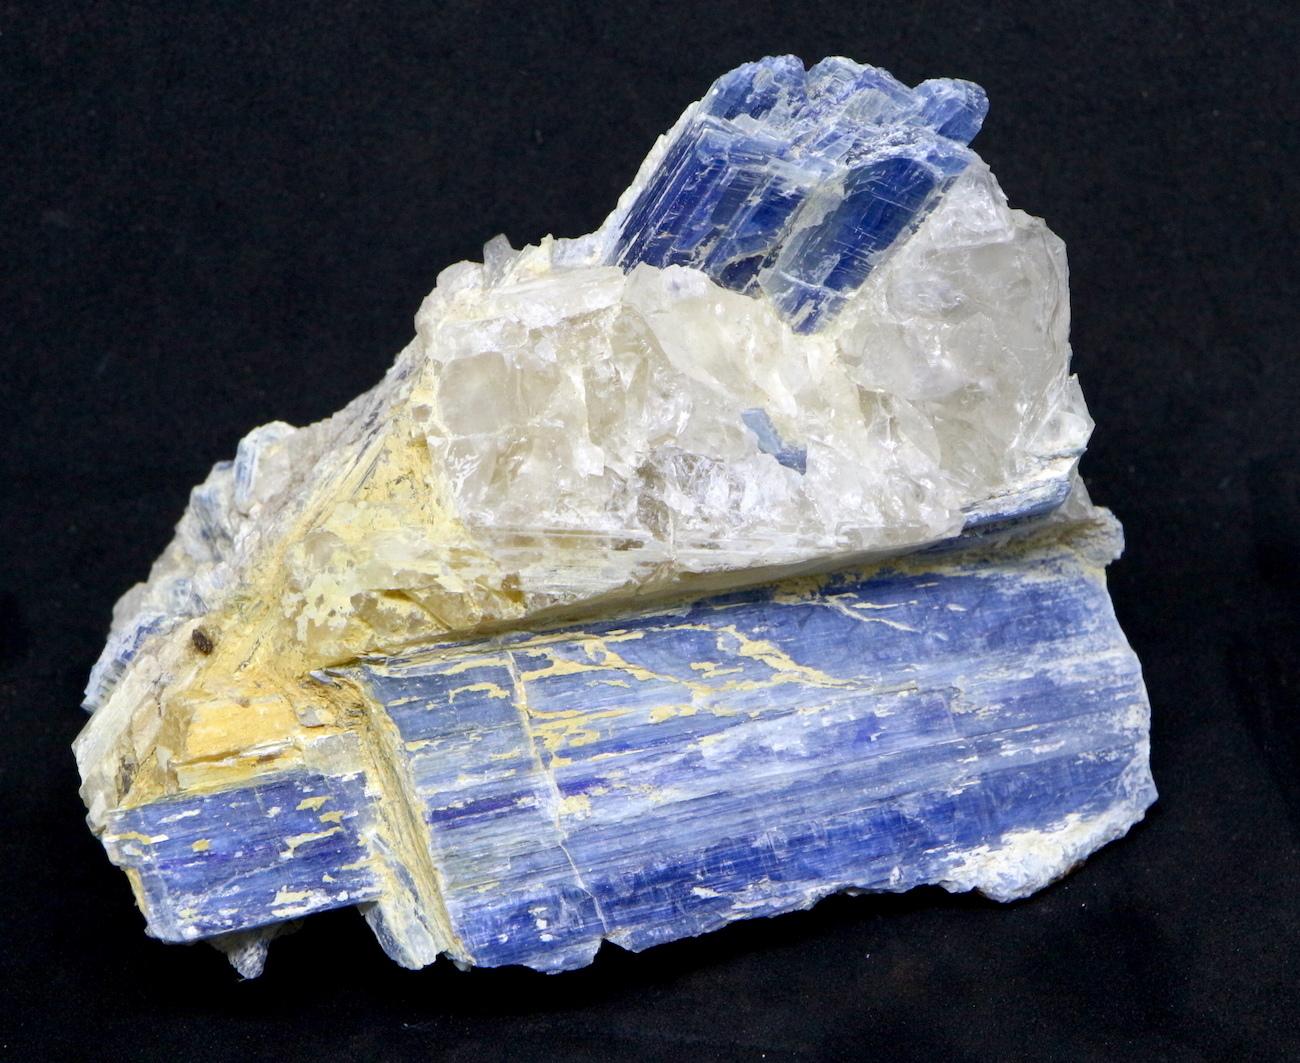 カイヤナイト Kyanite 原石 269,5g KN005 鉱物 原石 天然石 パワーストーン